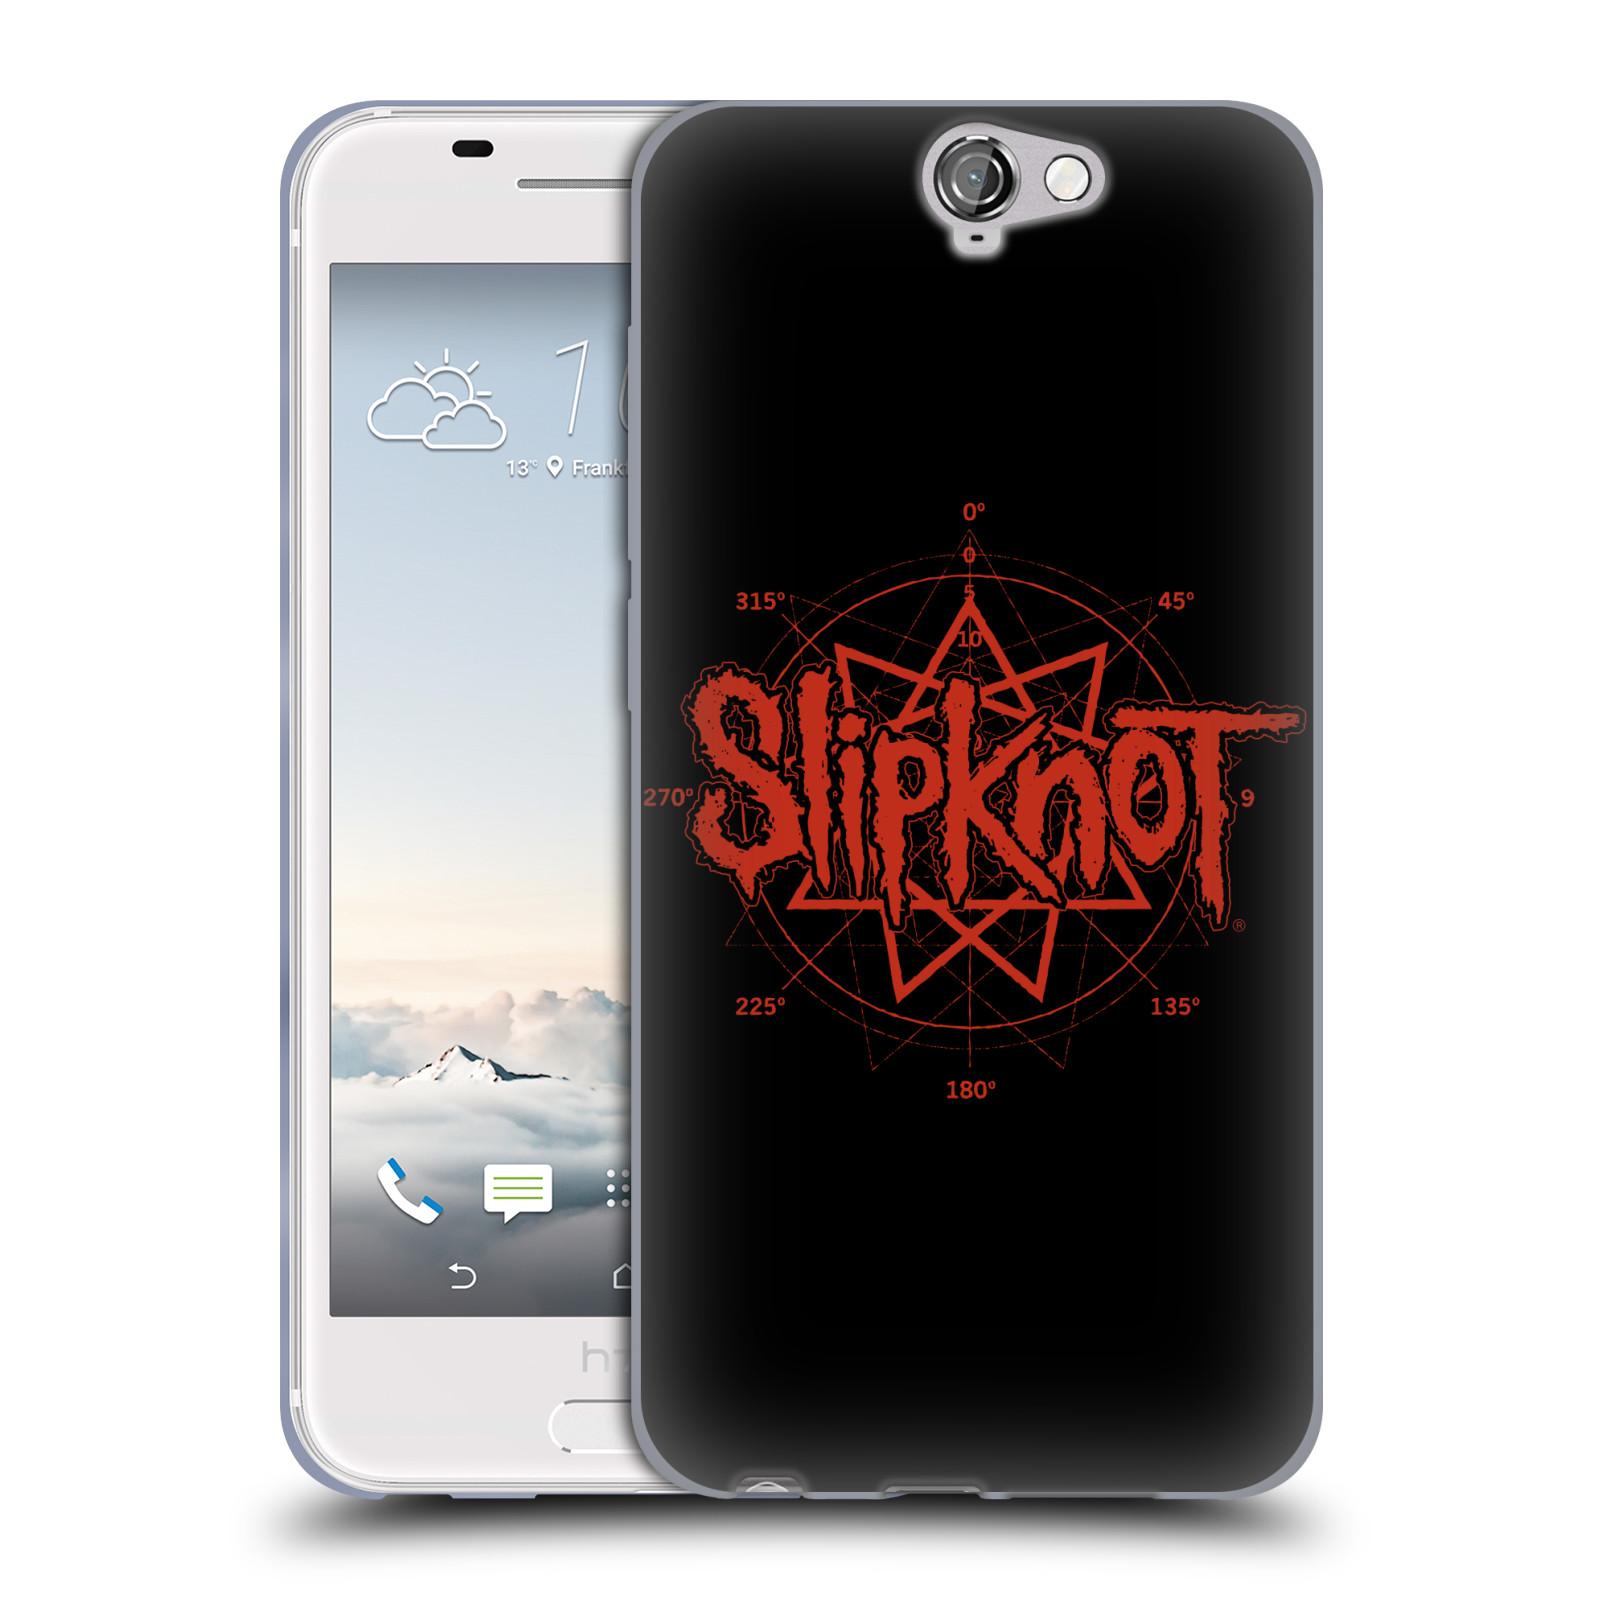 HEAD CASE silikonový obal na mobil HTC One A9 hudební skupina Slipknot logo